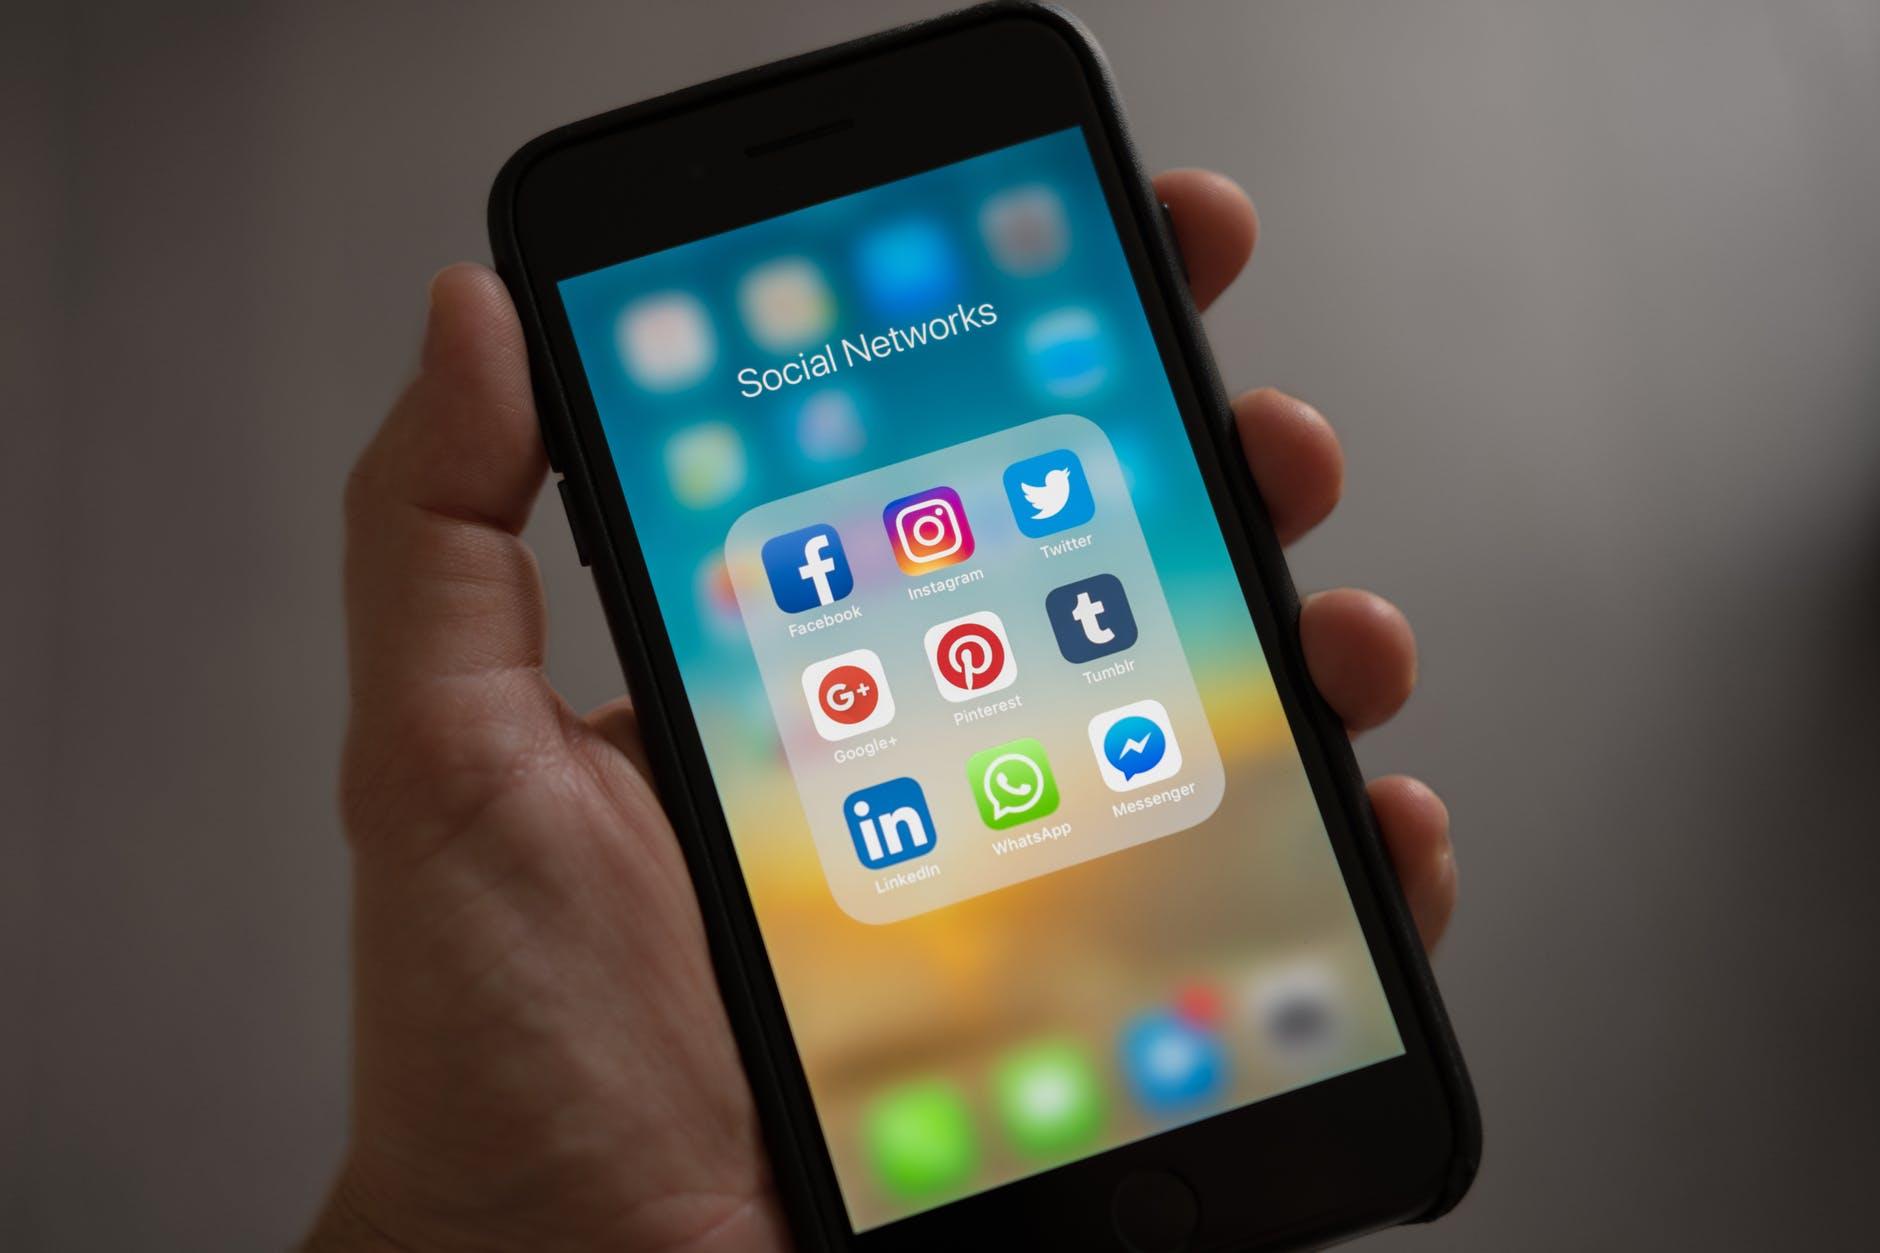 Manejo De Redes Sociales Marketing Digital Phase One Design